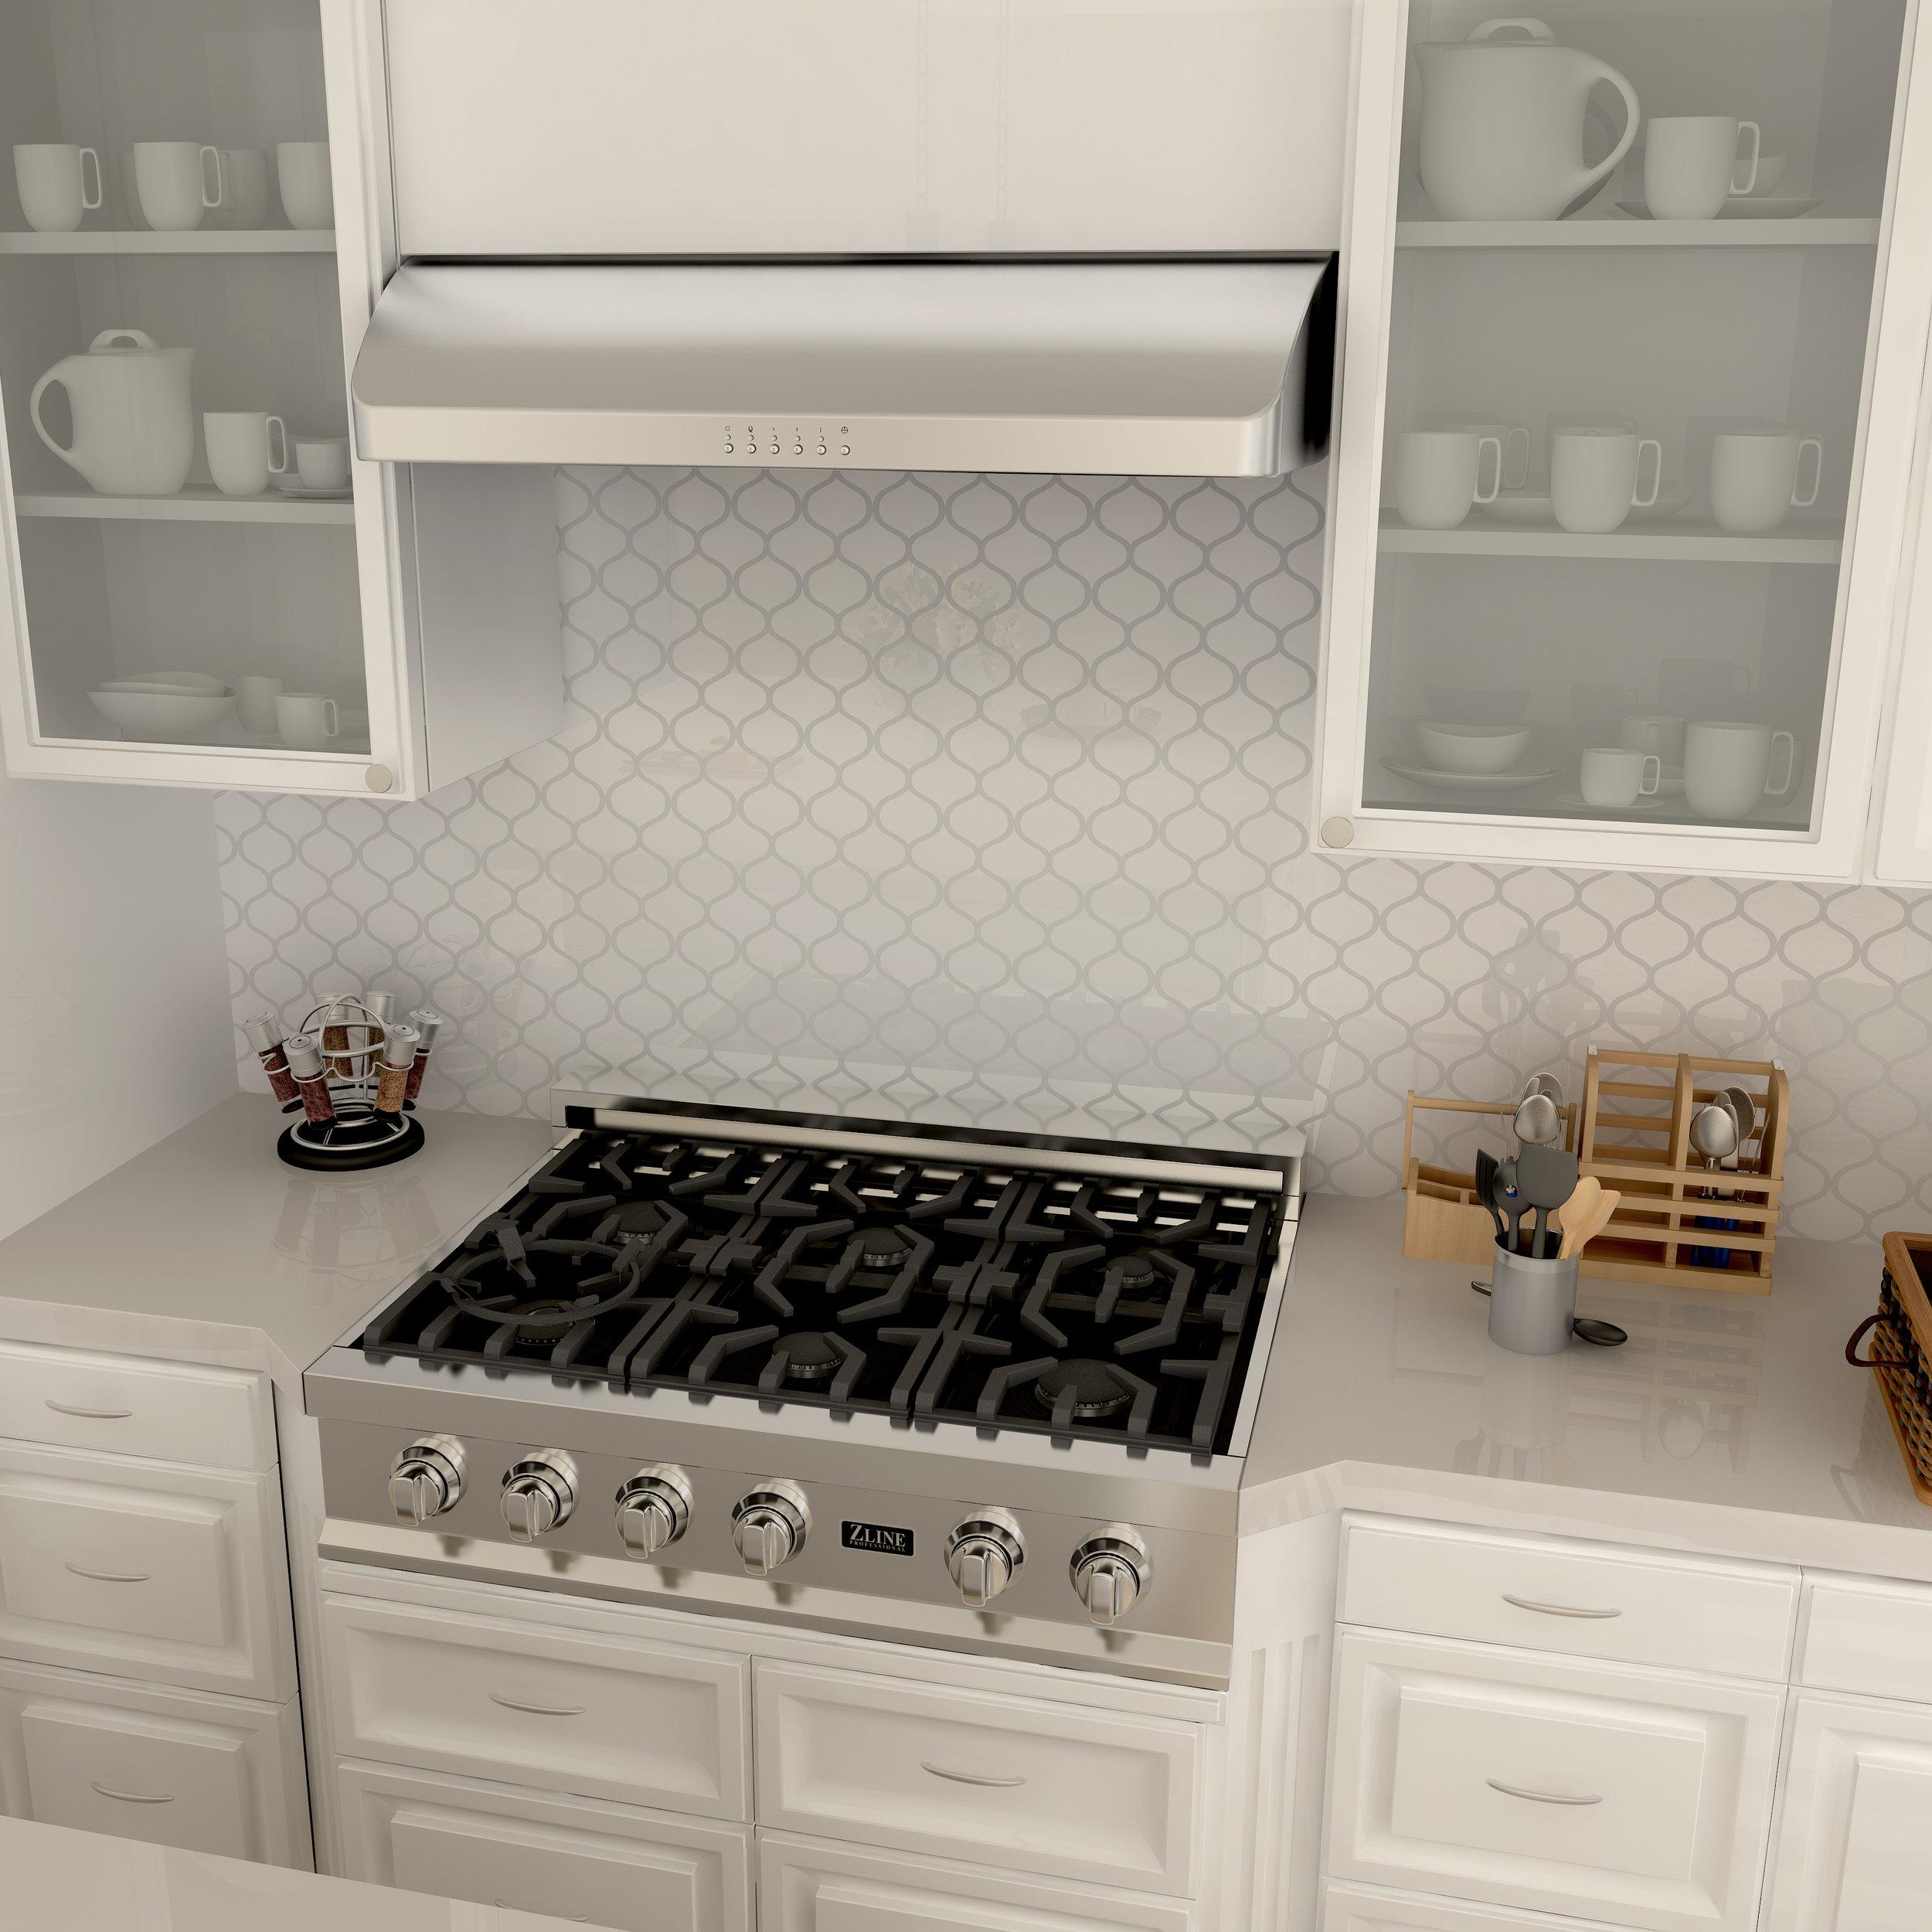 zline-stainless-steel-under-cabinet-range-hood-625-kitchen-updated-3.jpg